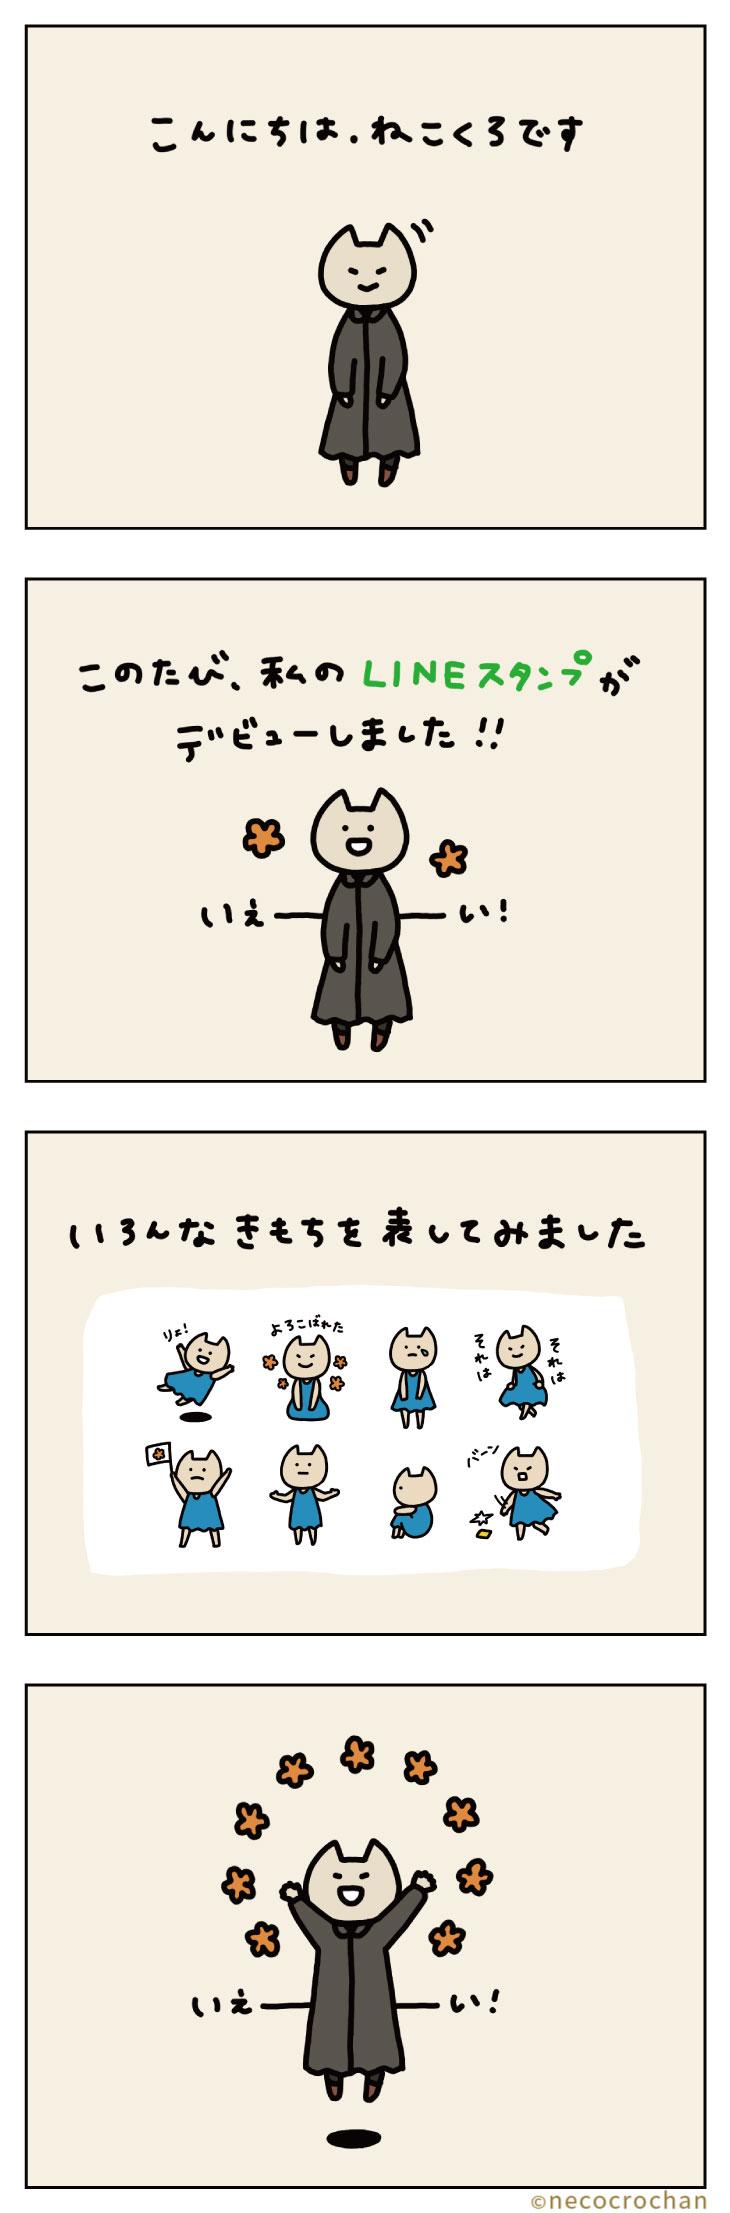 4コマ漫画ねこくろにっき「こくち」LINEスタンプ